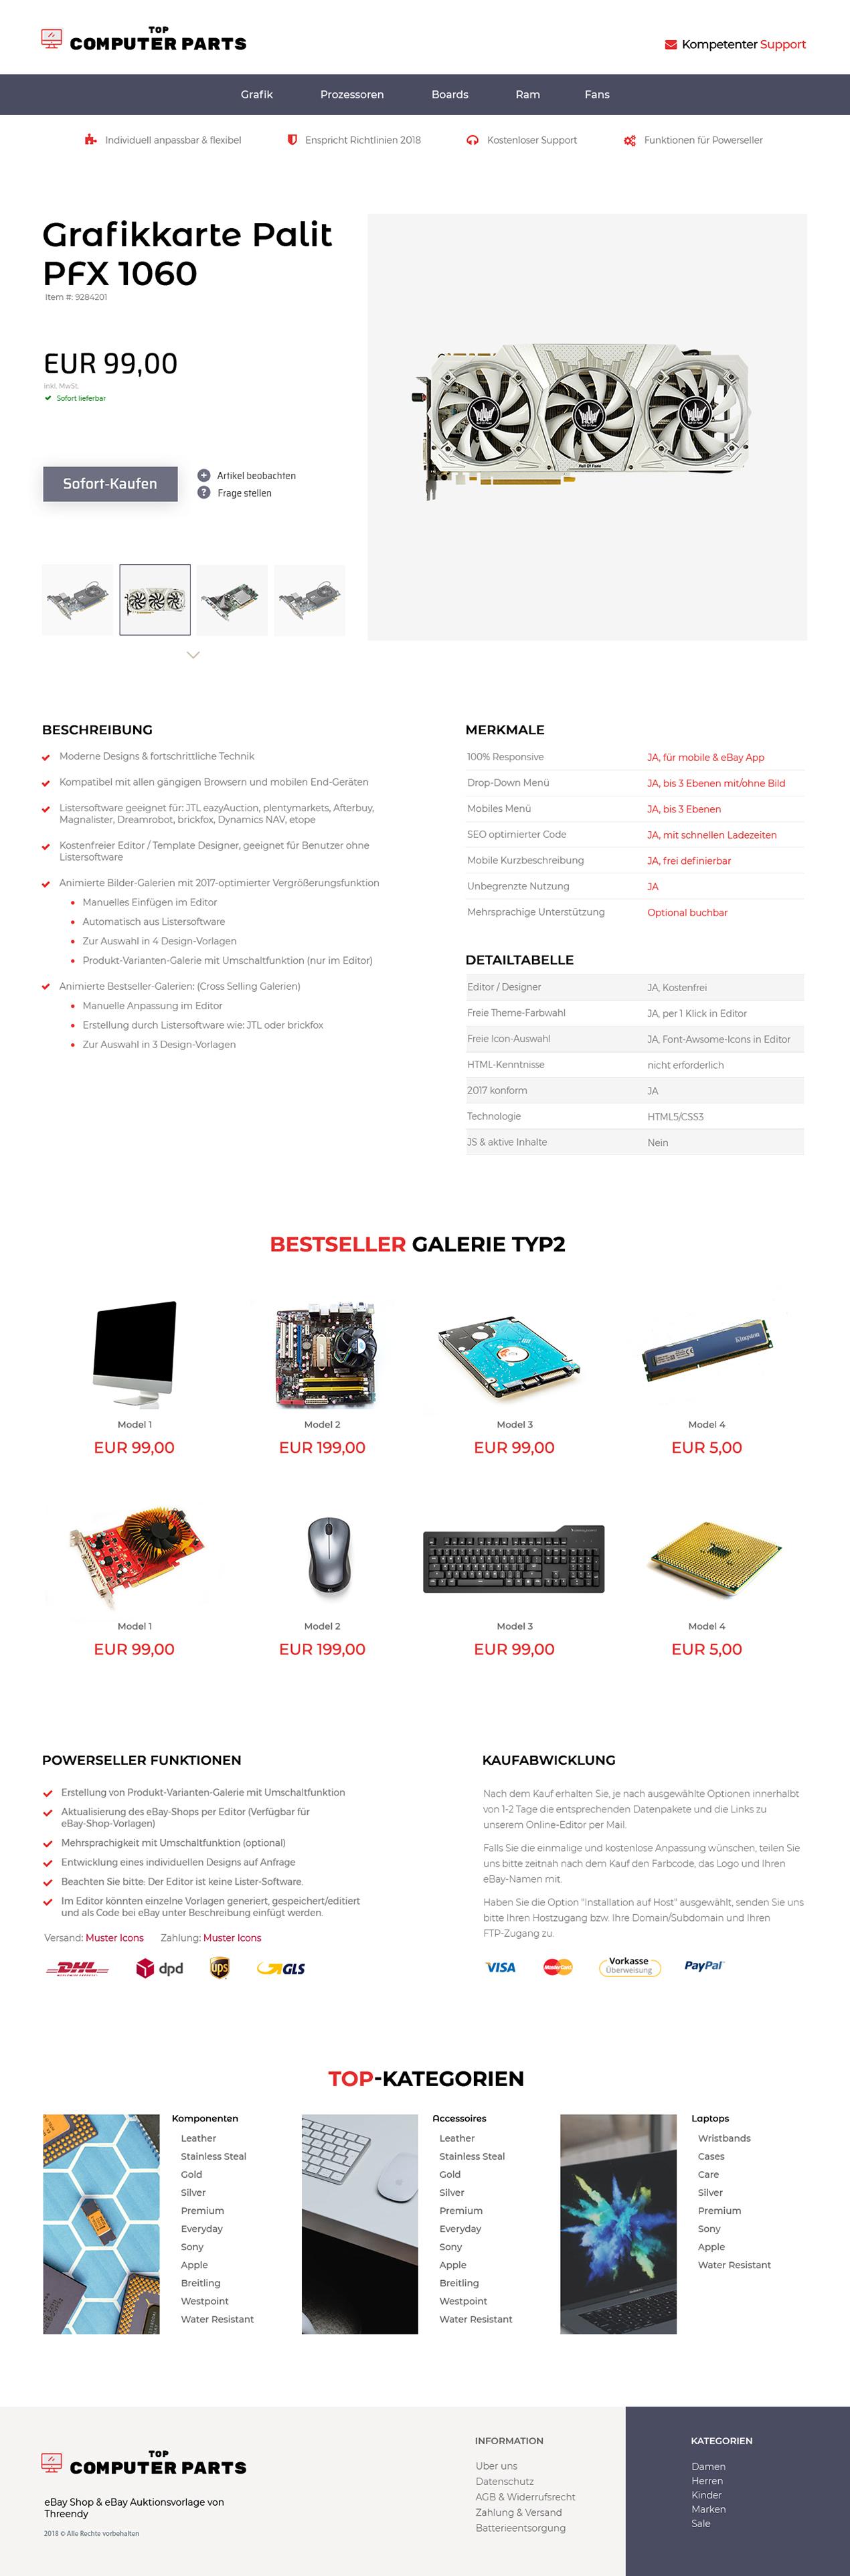 eBay Auktionsvorlage für PC & Computer-Teile Branche